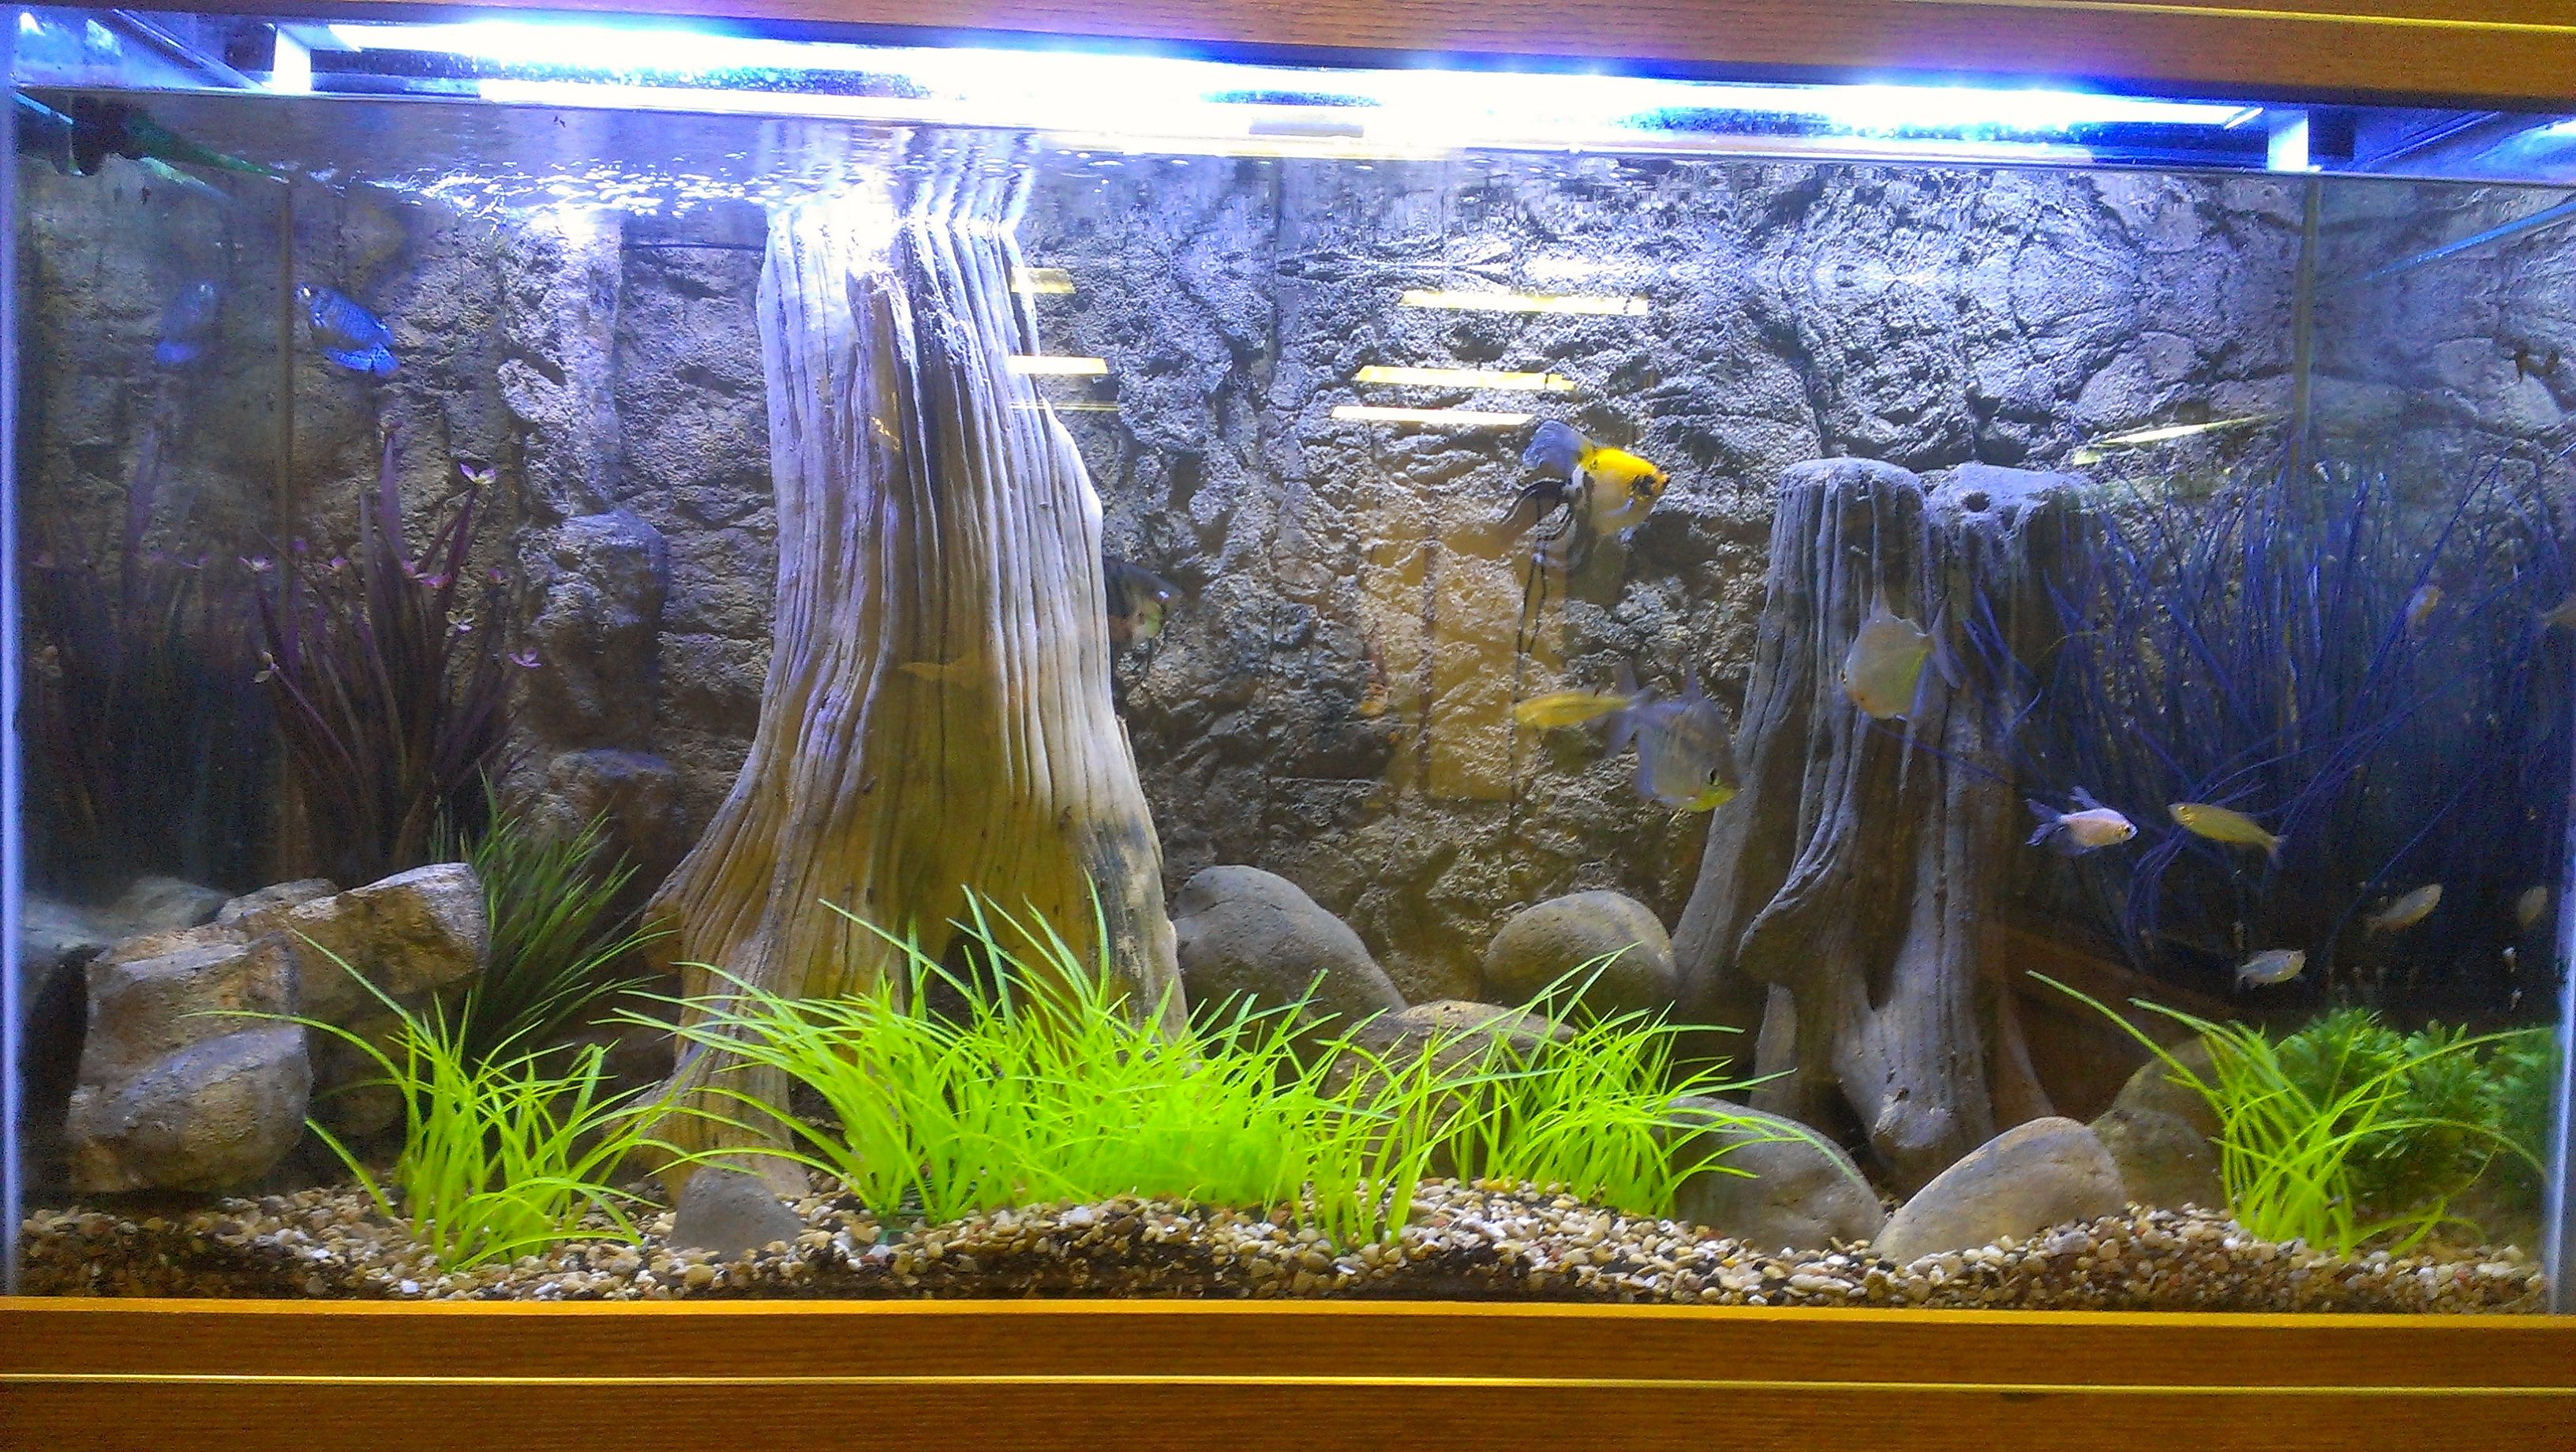 22c43c3505424a5ef0ae90284e8cee90 Incroyable De Aquarium Deco Des Idées